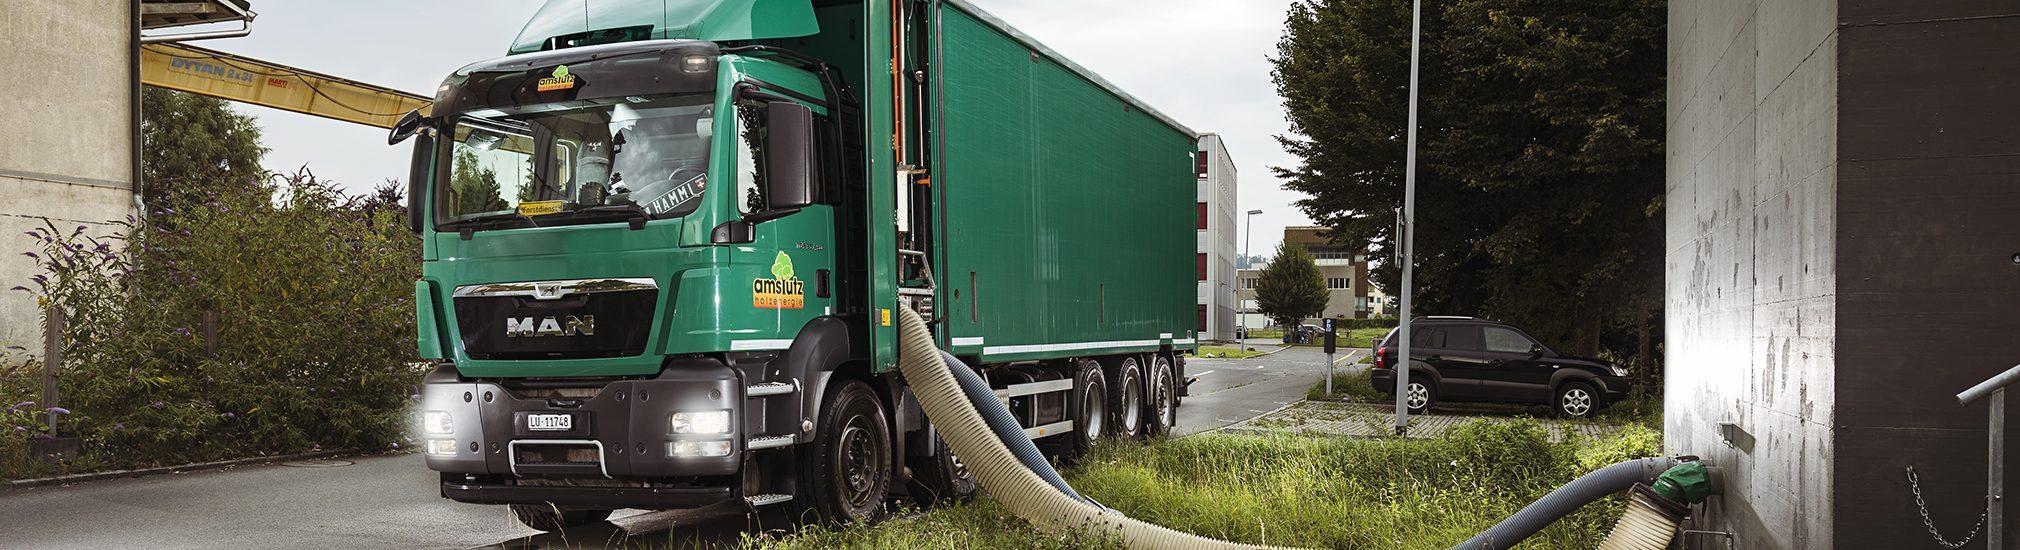 Amstutz Holzenergie AG, Emmen, Maschinenpark, heizungsanlage, Logistik